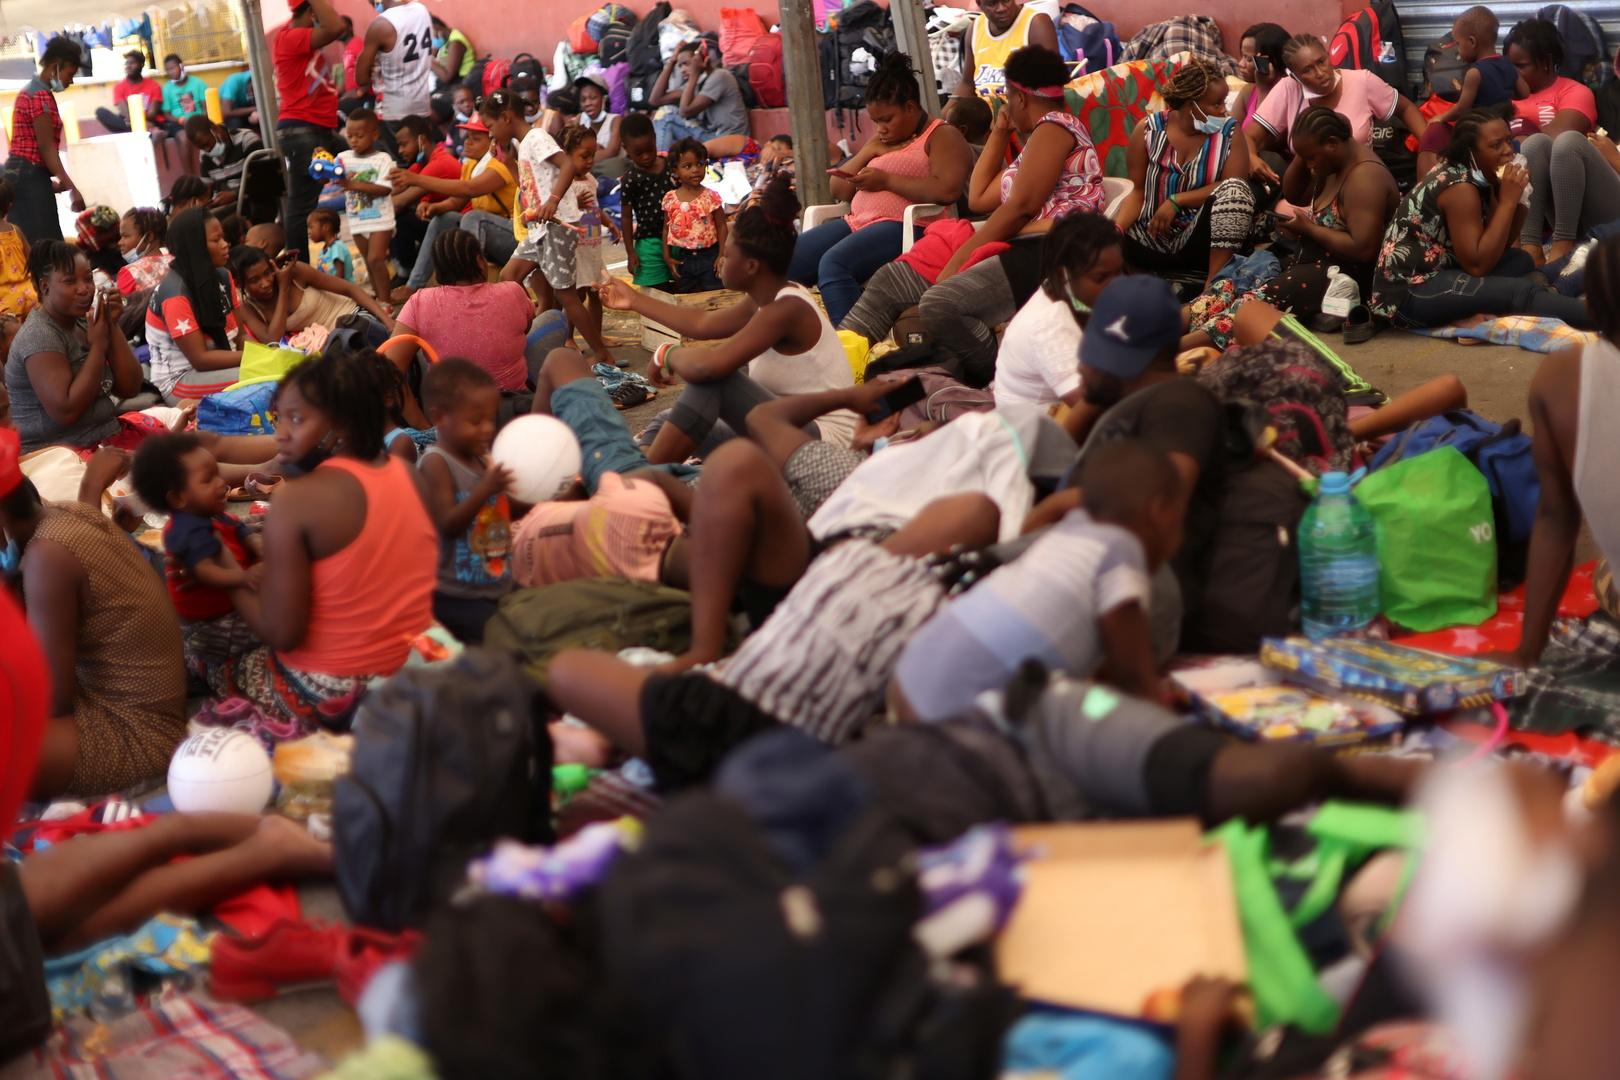 سلطات كوبا والبهاما توقف مئات المهاجرين من هايتي وتعتزم إعادتهم إلى بلدهم